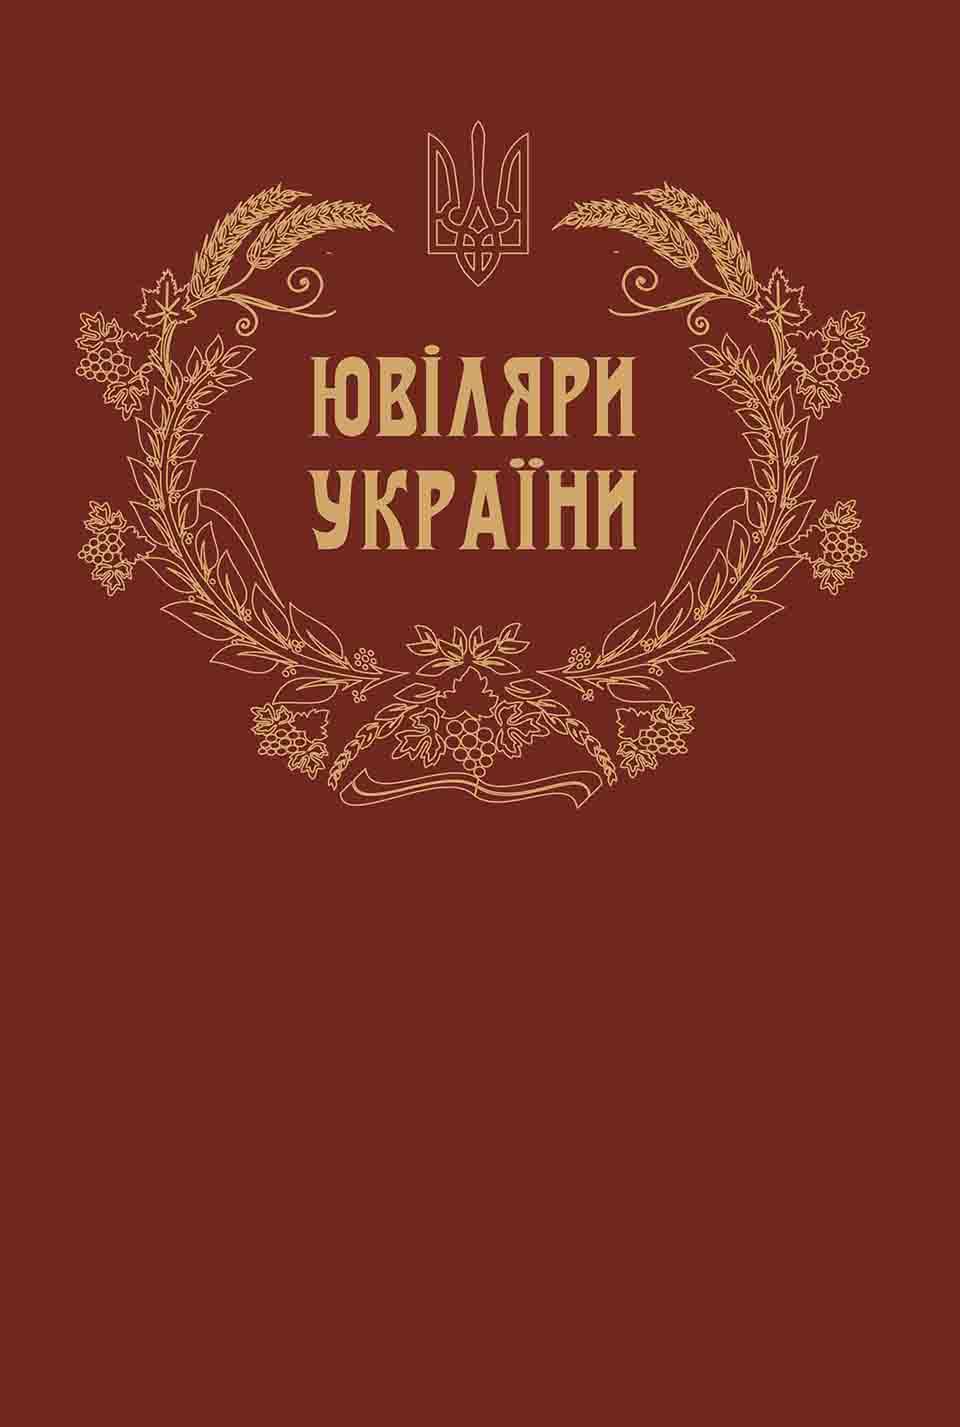 Ювіляри України. Події та особистості ХХІ століття 2013